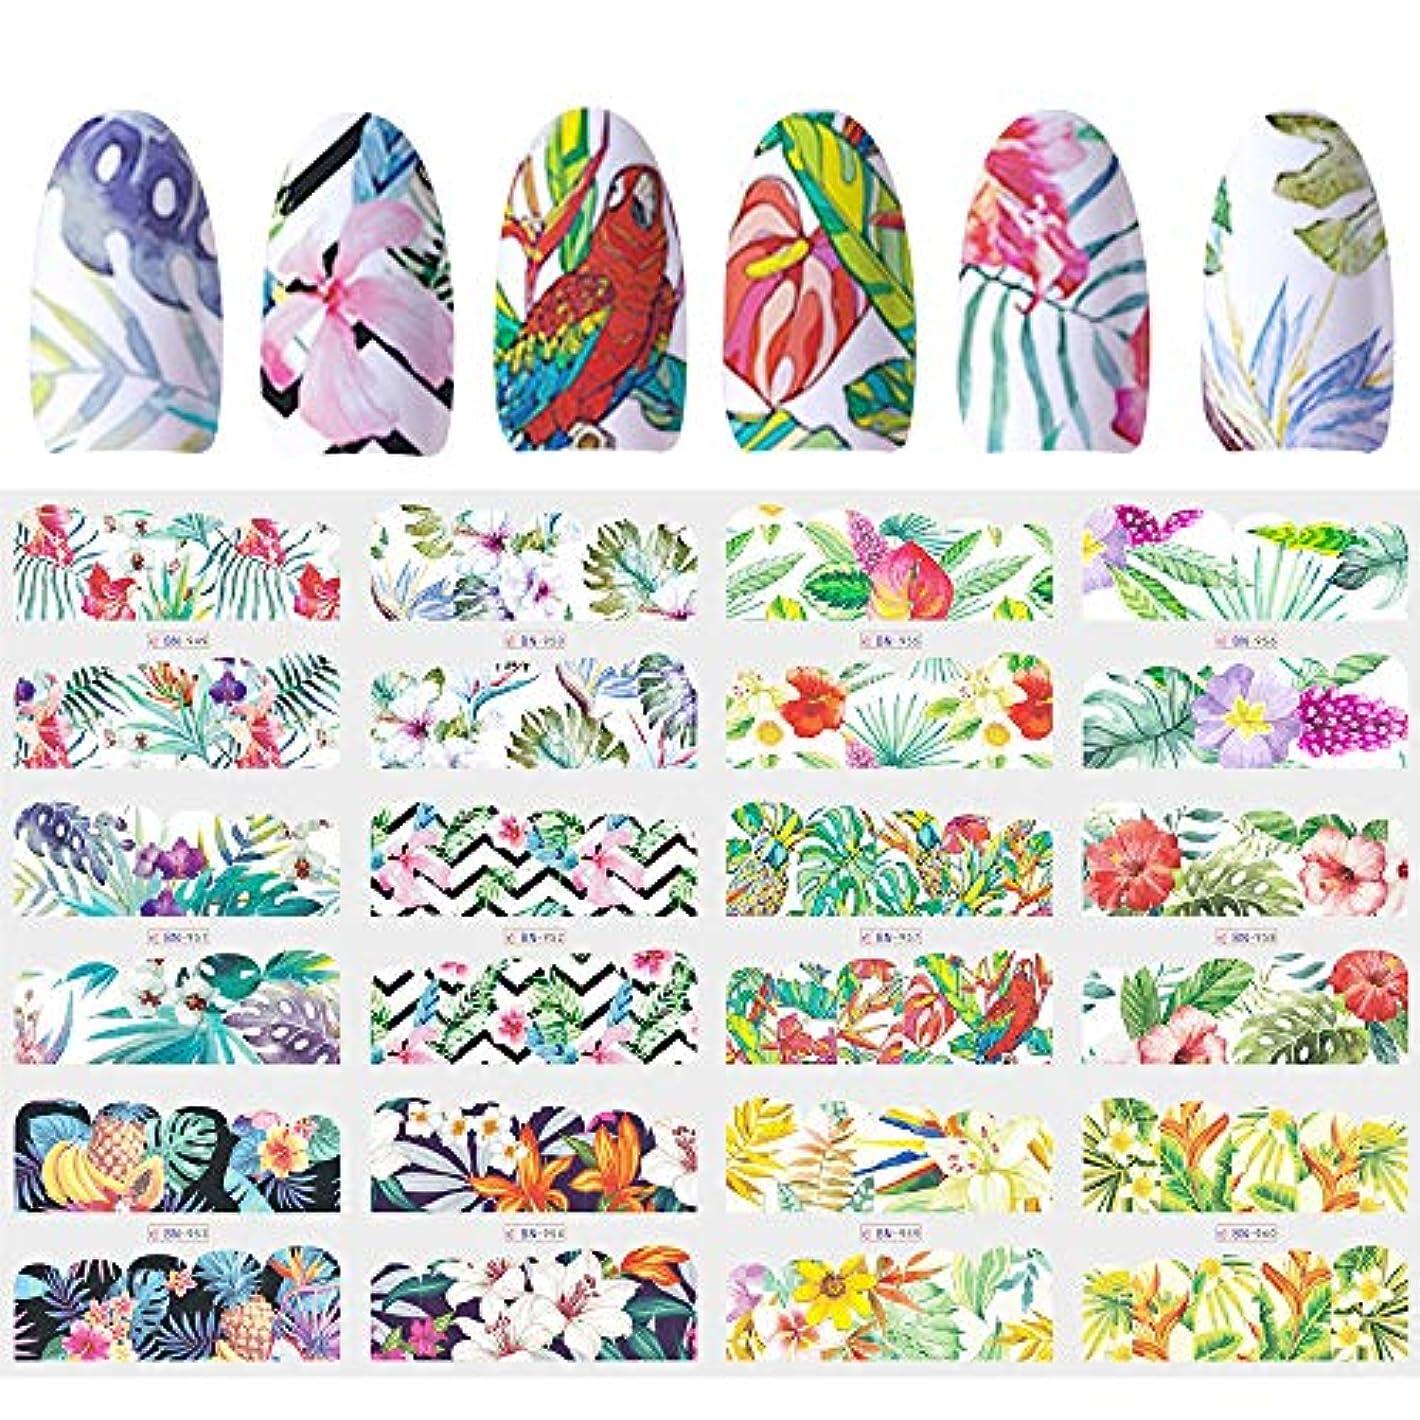 先入観答えボウルSUKTI&XIAO ネイルステッカー 12デザインスライダーネイルステッカー水デカール転送タトゥートロピカルジャングル動物の花の接着剤マニキュアの装飾のヒント